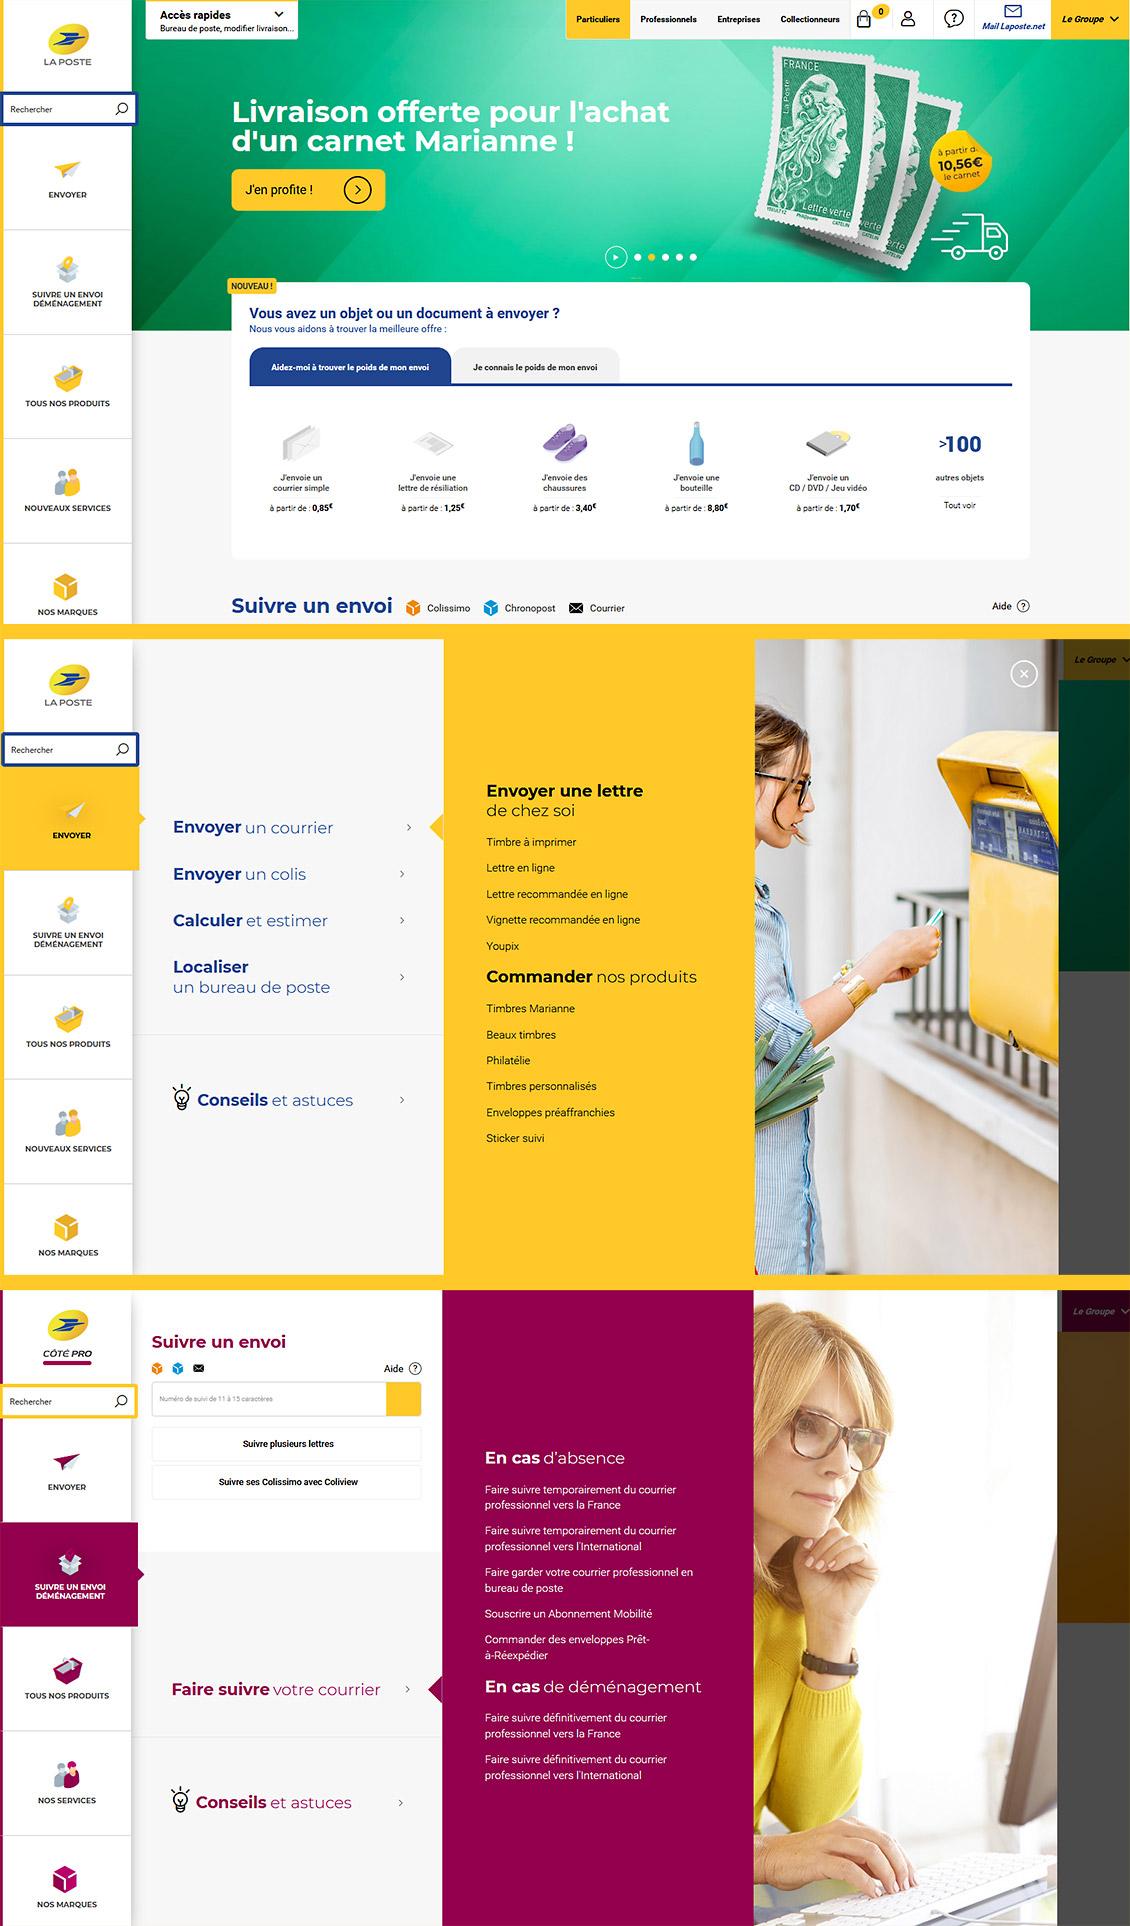 Une sélection d'écrans du site laposte.fr : l'utilisateur est invité à préciser son besoin à travers deux panneaux verticaux, pour une réponse en seulement trois clics.